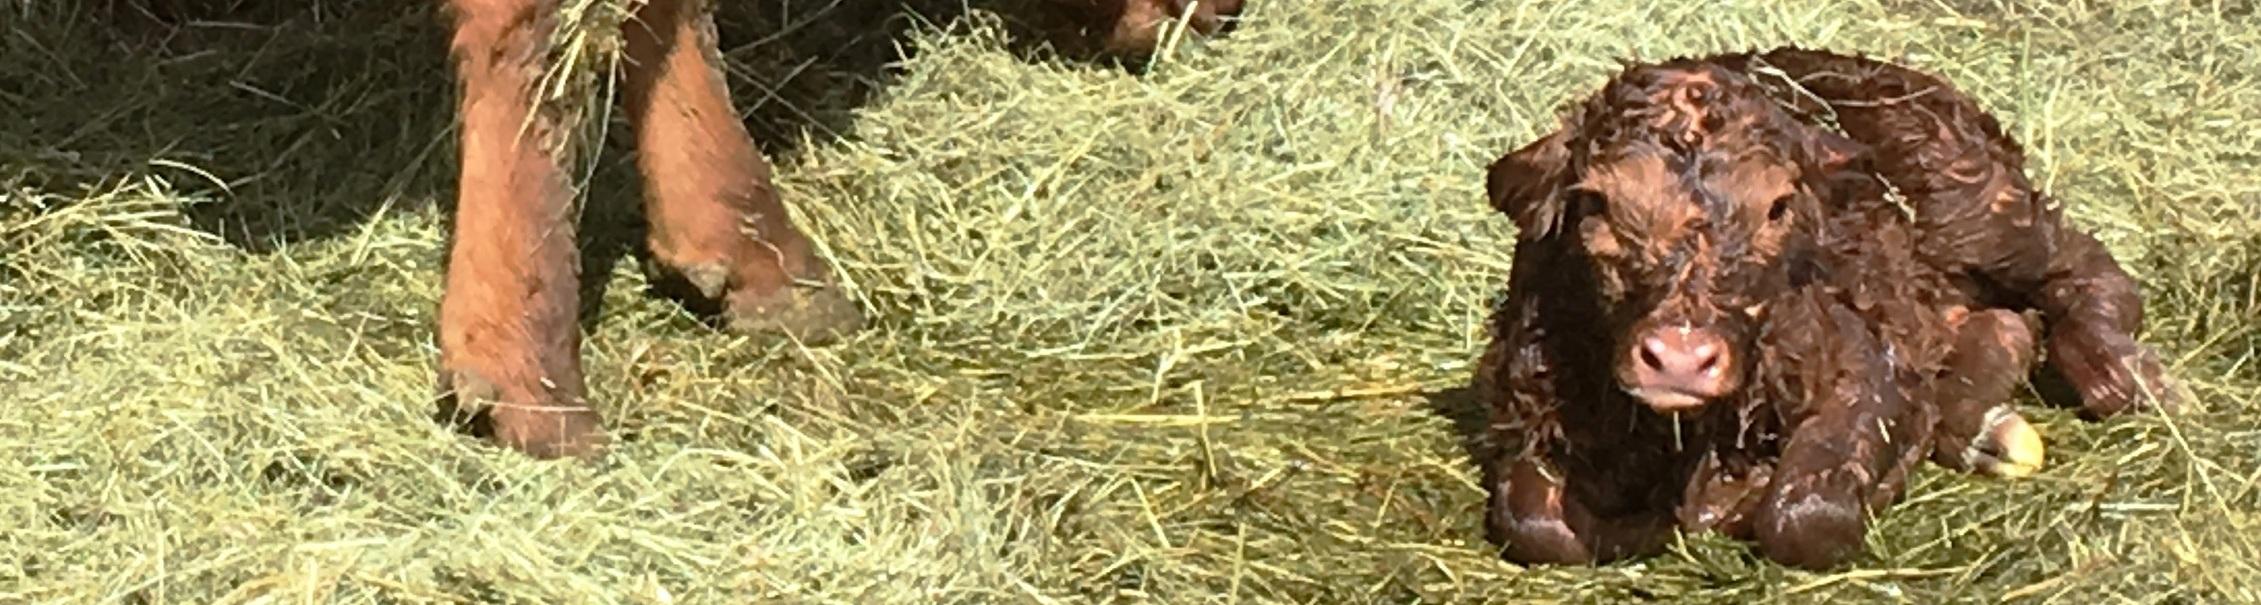 IMG_1202_Becka-Brody-ca_Cow & calf-c